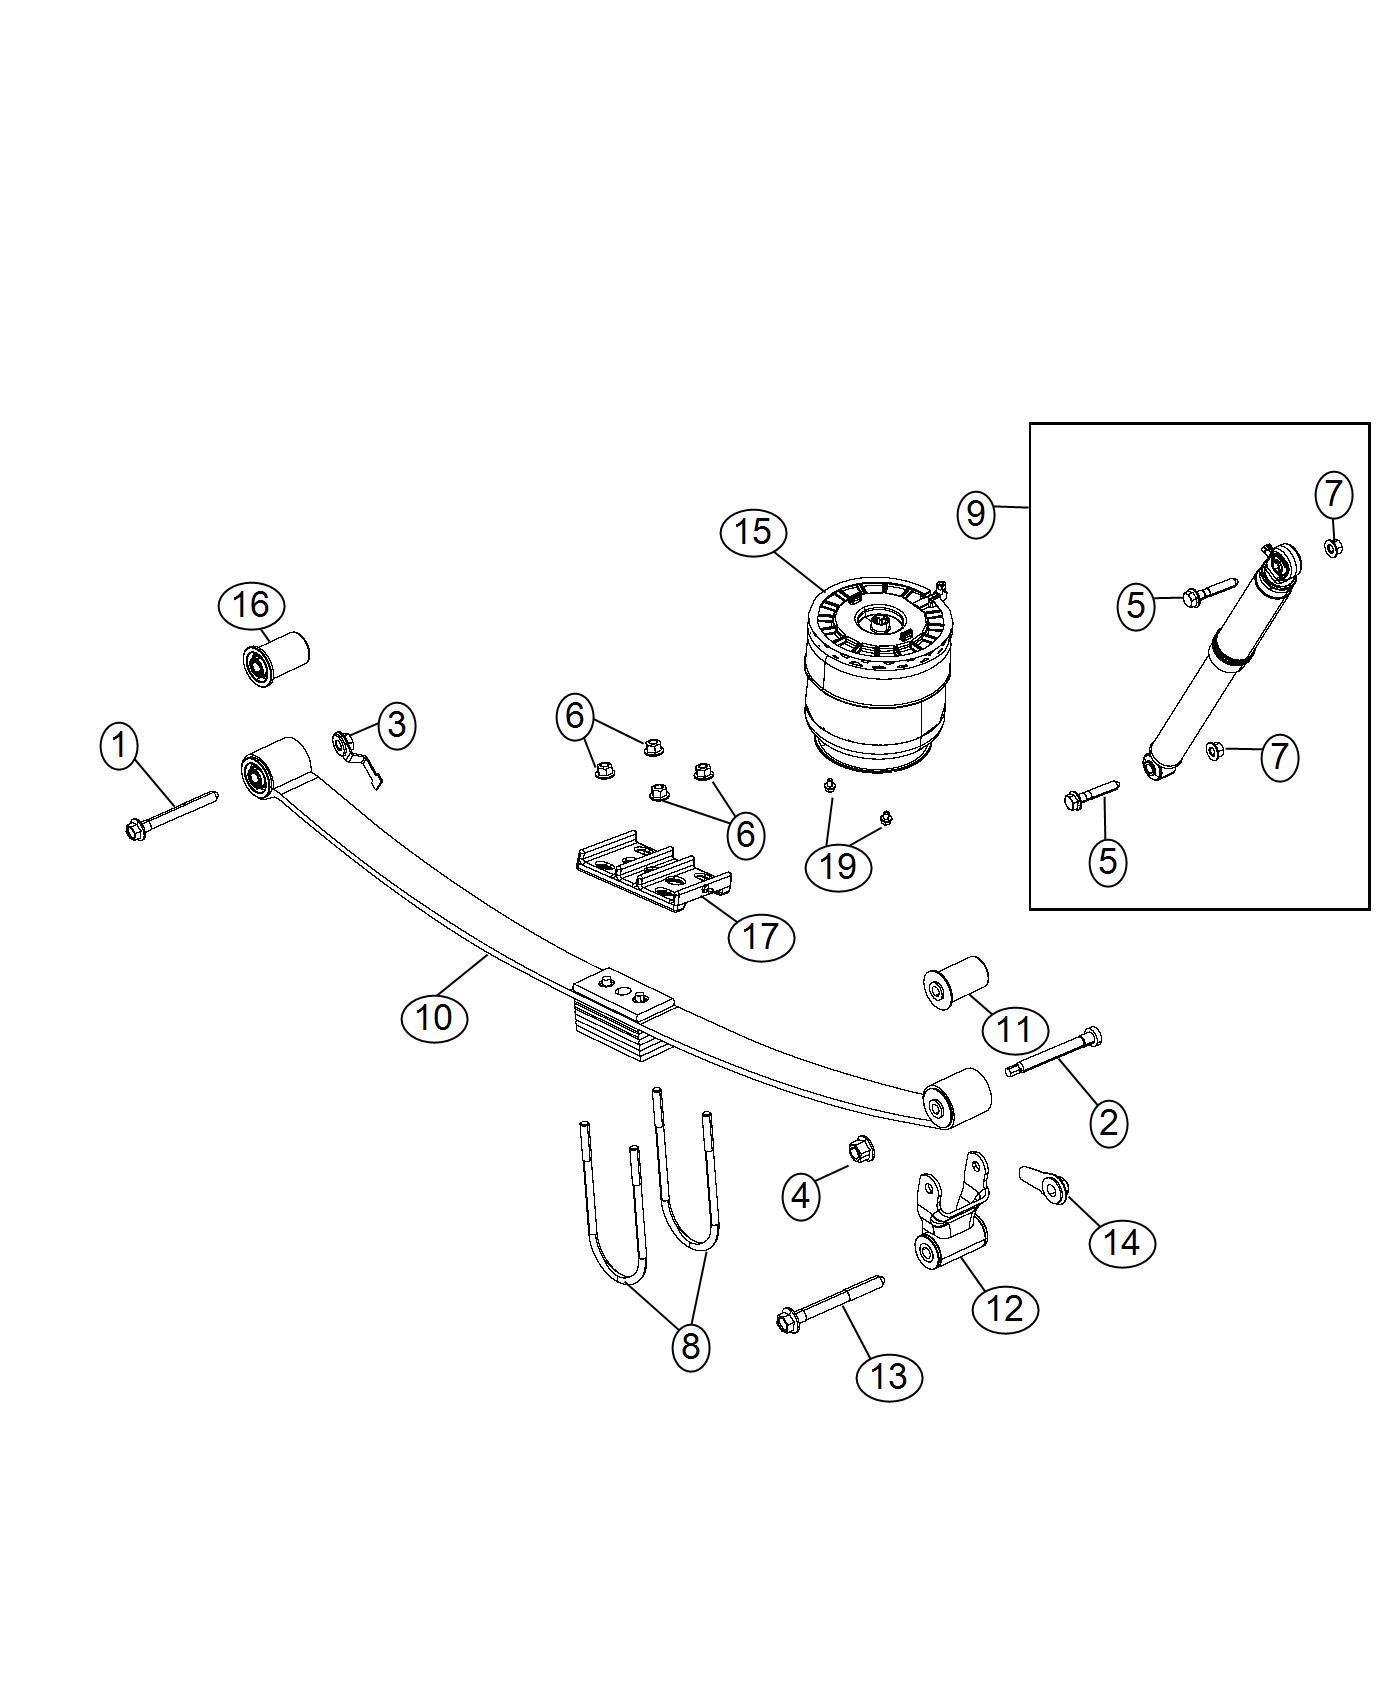 2017 Ram 3500 Spring assembly. Air suspension. Rear. [rear